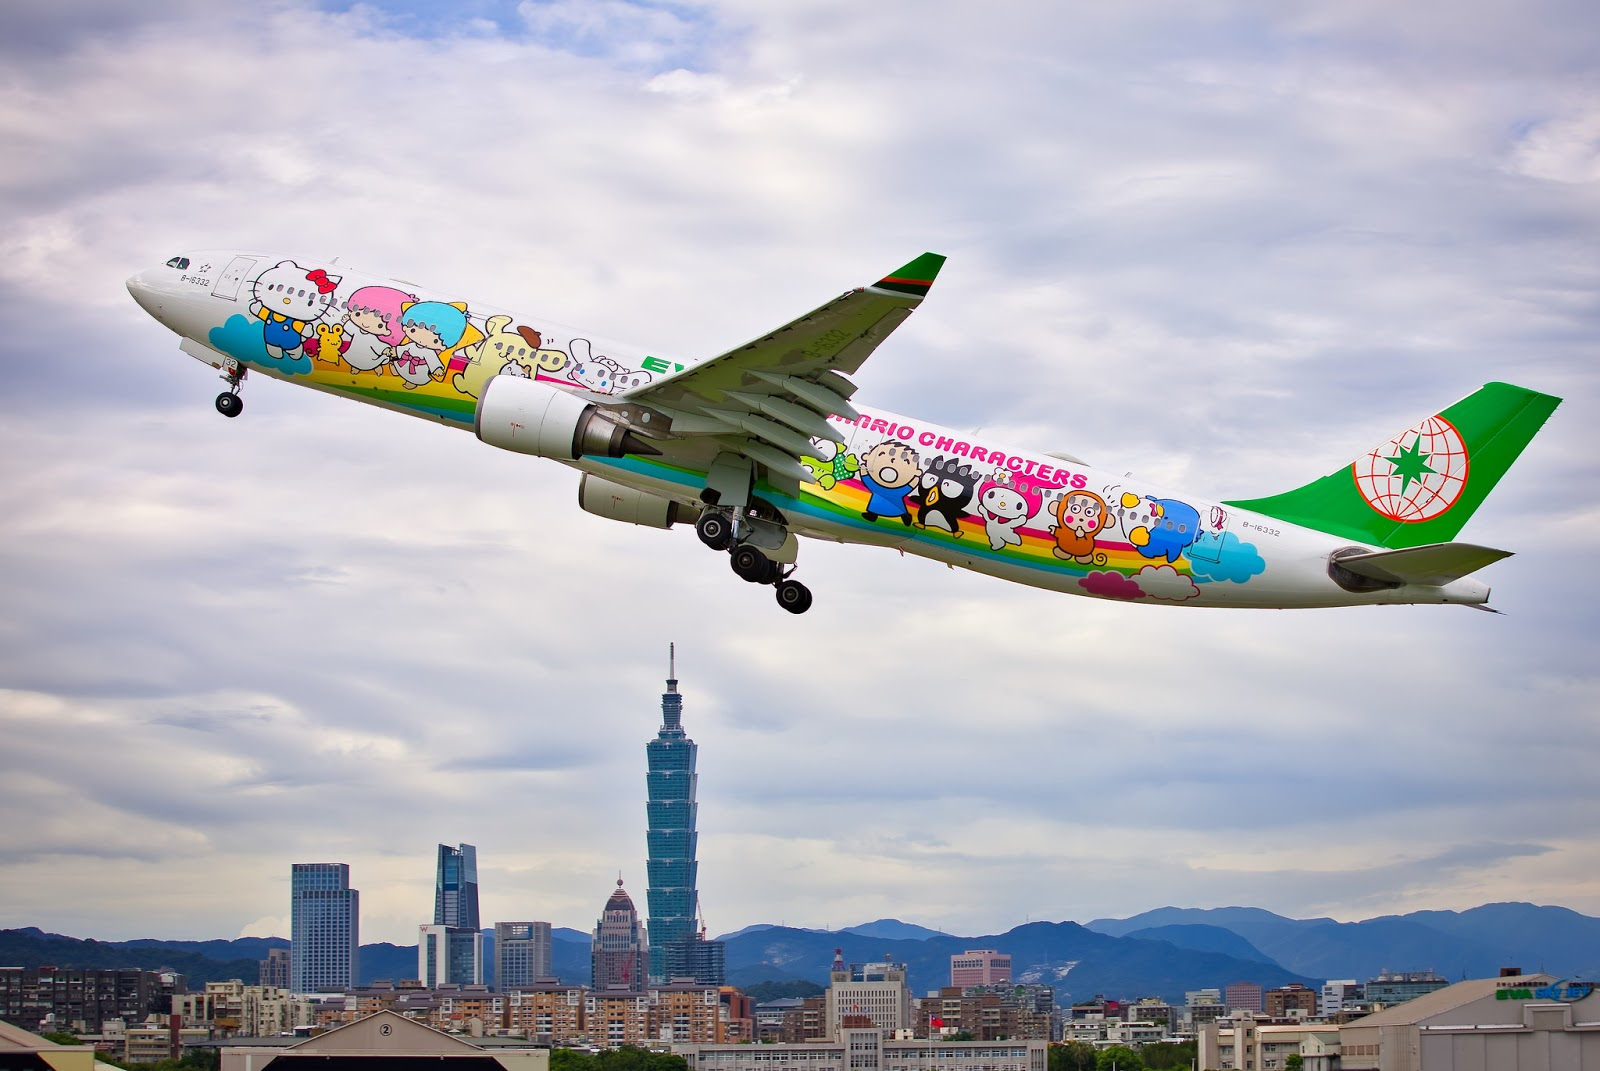 Máy bay, phương tiện được lựa chọn nhiều nhất khi đến Phú Quốc.